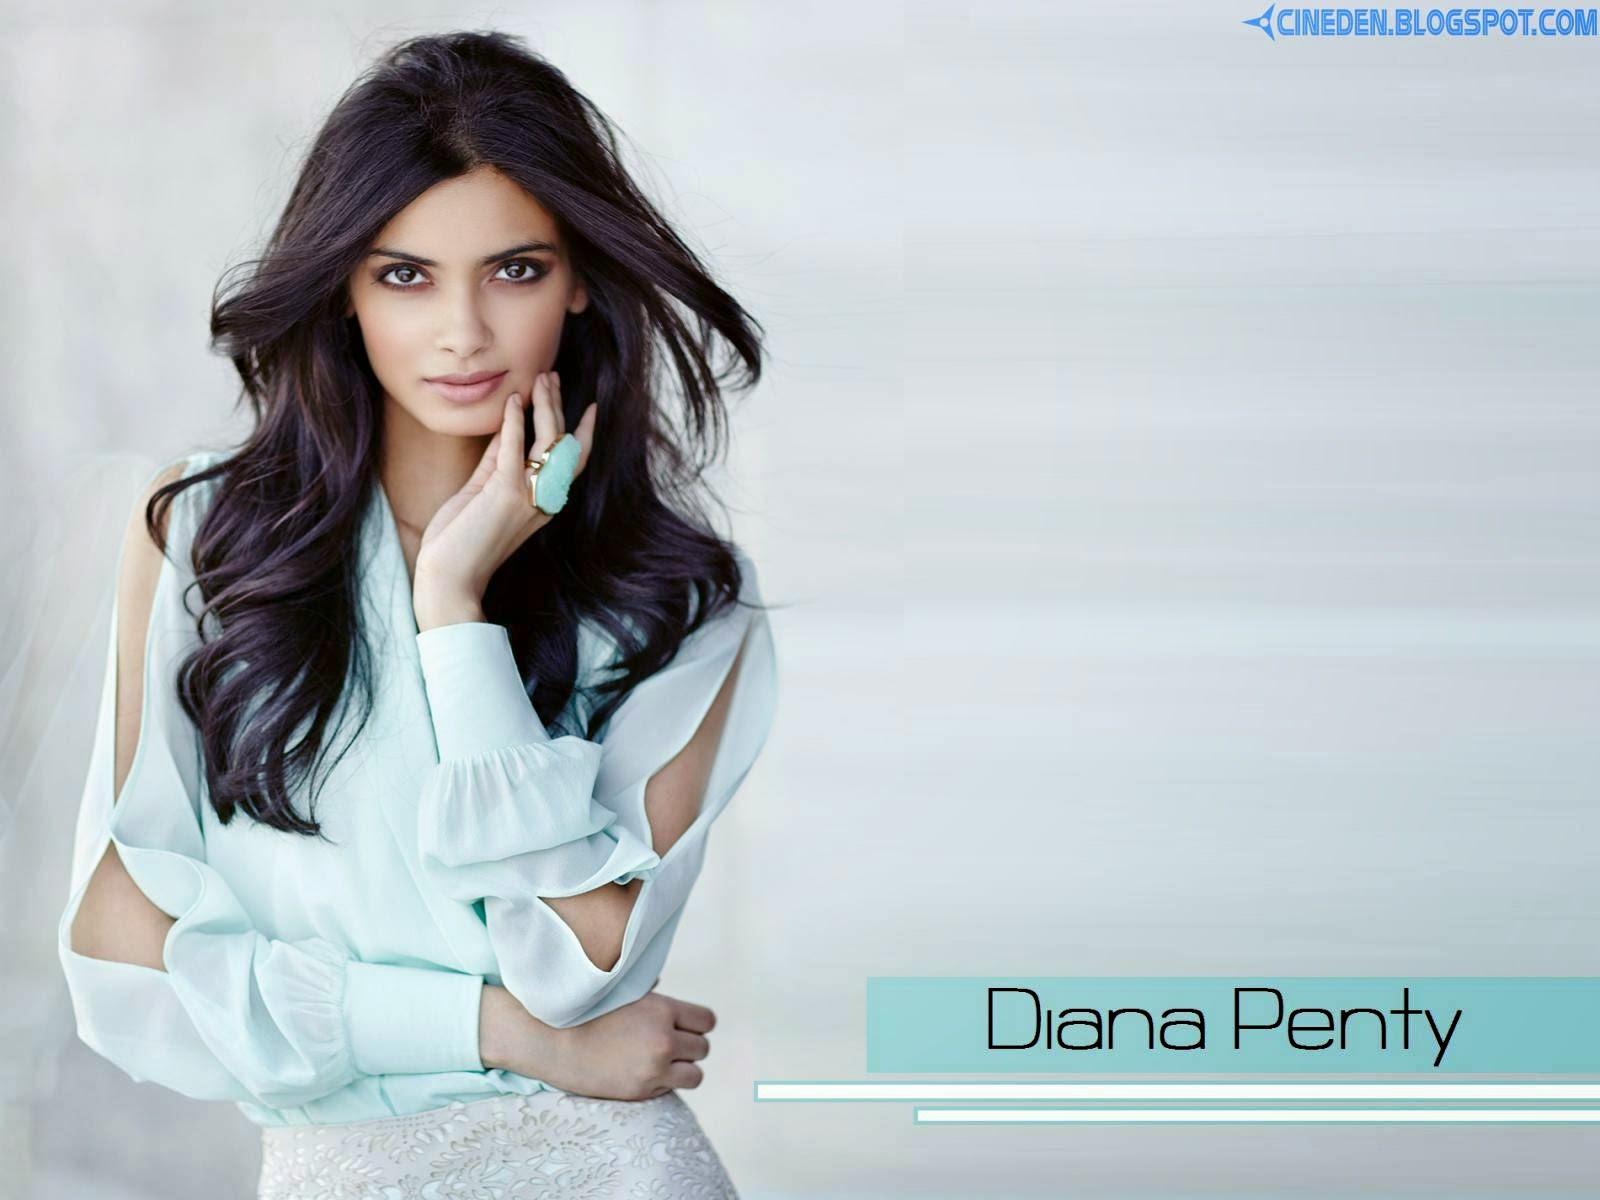 Diana Penty to get married? - CineDen